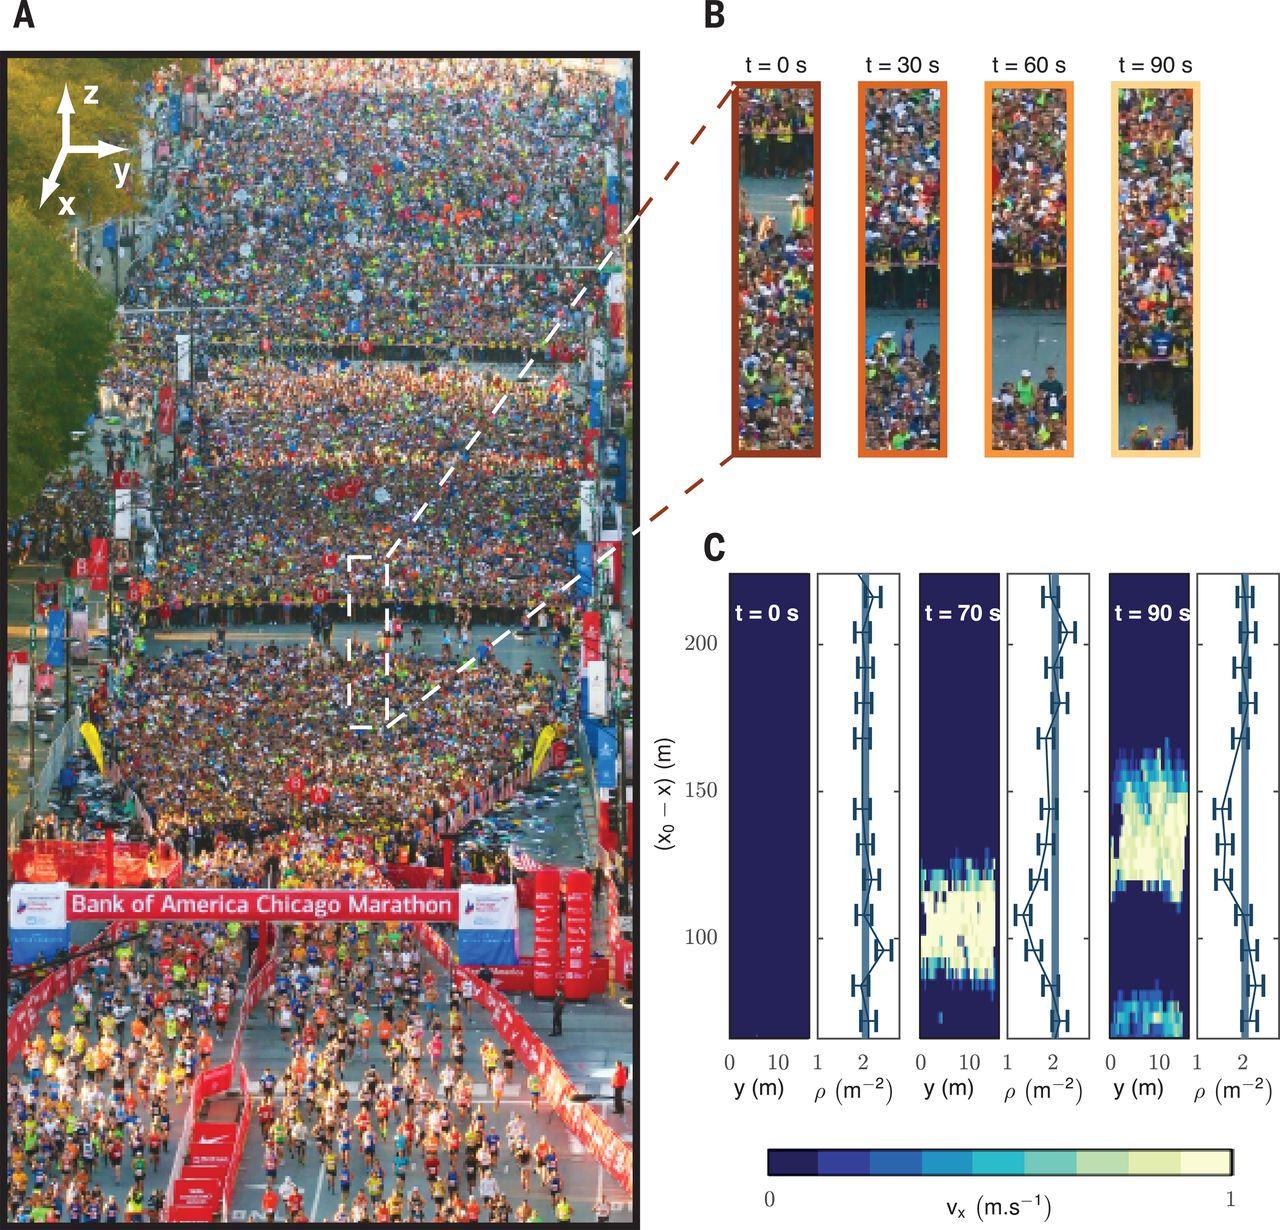 A : Image de la zone de départ de l'édition 2016 du Bank of America Marathon de la ville de Chicago. Image B : Zooms sur la zone encadrée dans A, montrant la séquence de déplacement des organisateurs de la course (chasubles jaunes) qui guident les coureurs vers la zone induisant des perturbations de vitesse et de densité dans la foule qui se propagent à vitesse constante. Image C : Ondes de vitesse et de densité qui se propagent dans le sens opposé de la marche dans la même foule. © Nicolas Bain/Science